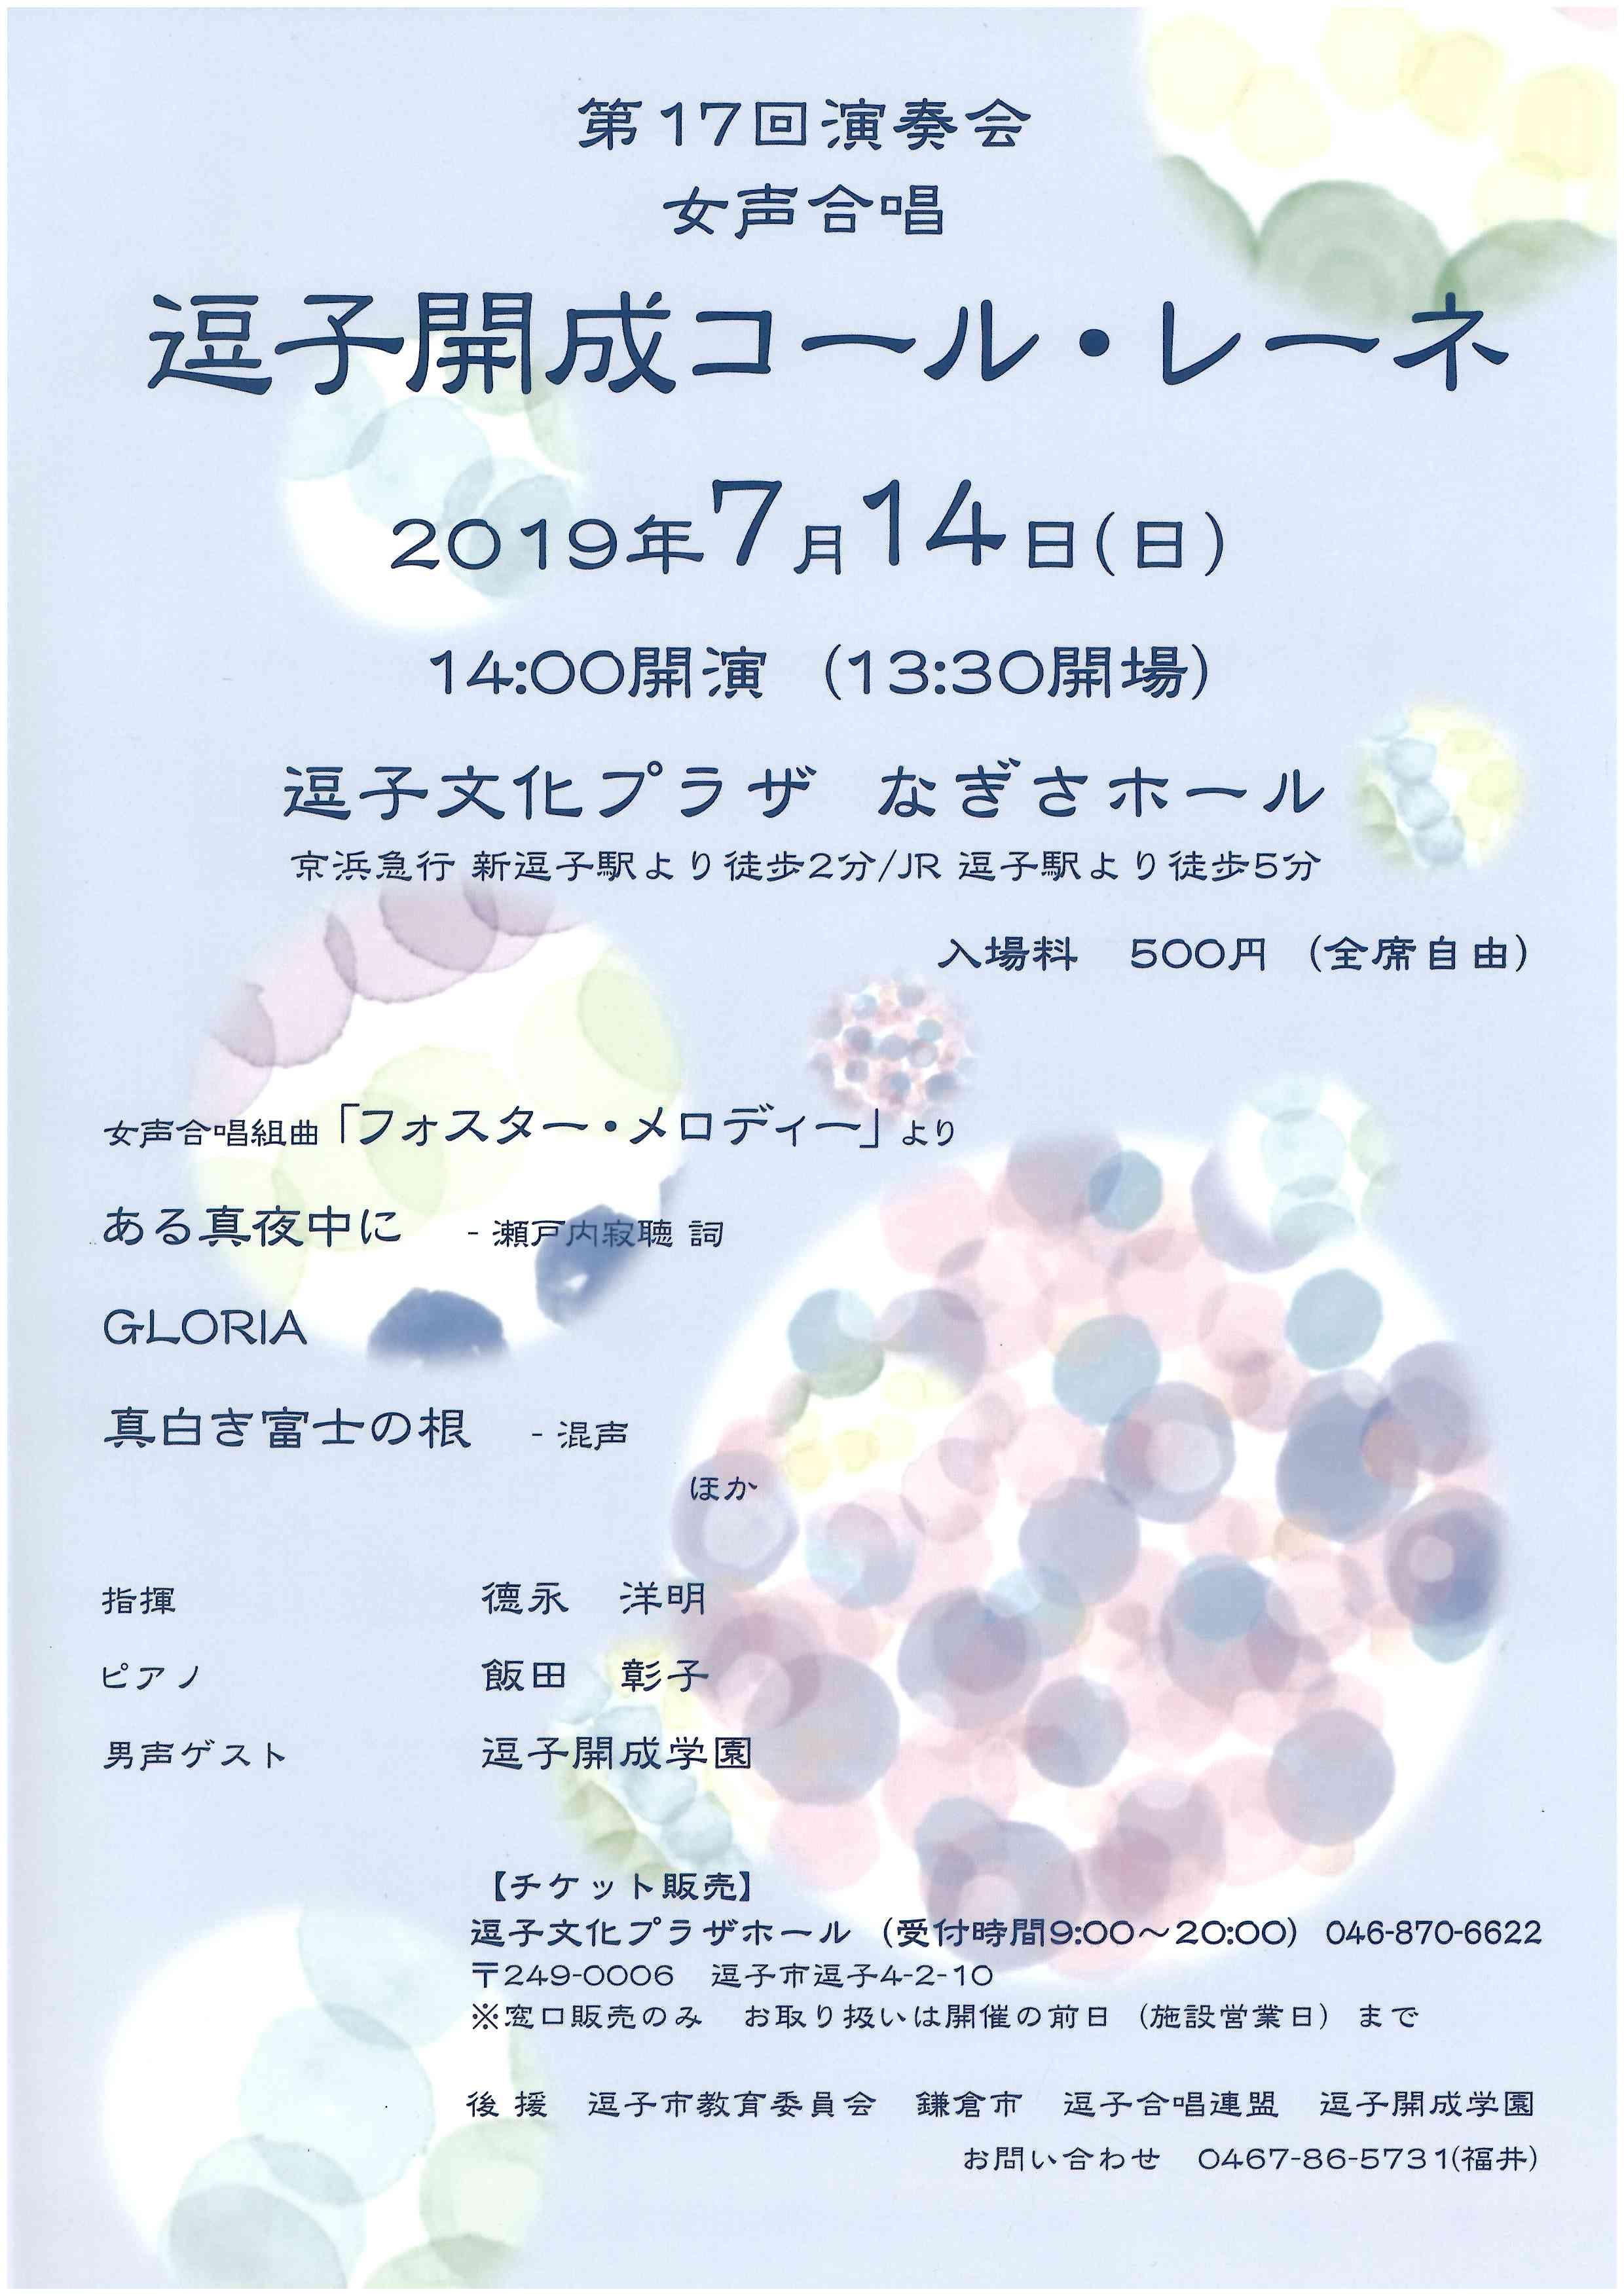 http://www.zushi-kaisei.ac.jp/news/198550-1.jpg